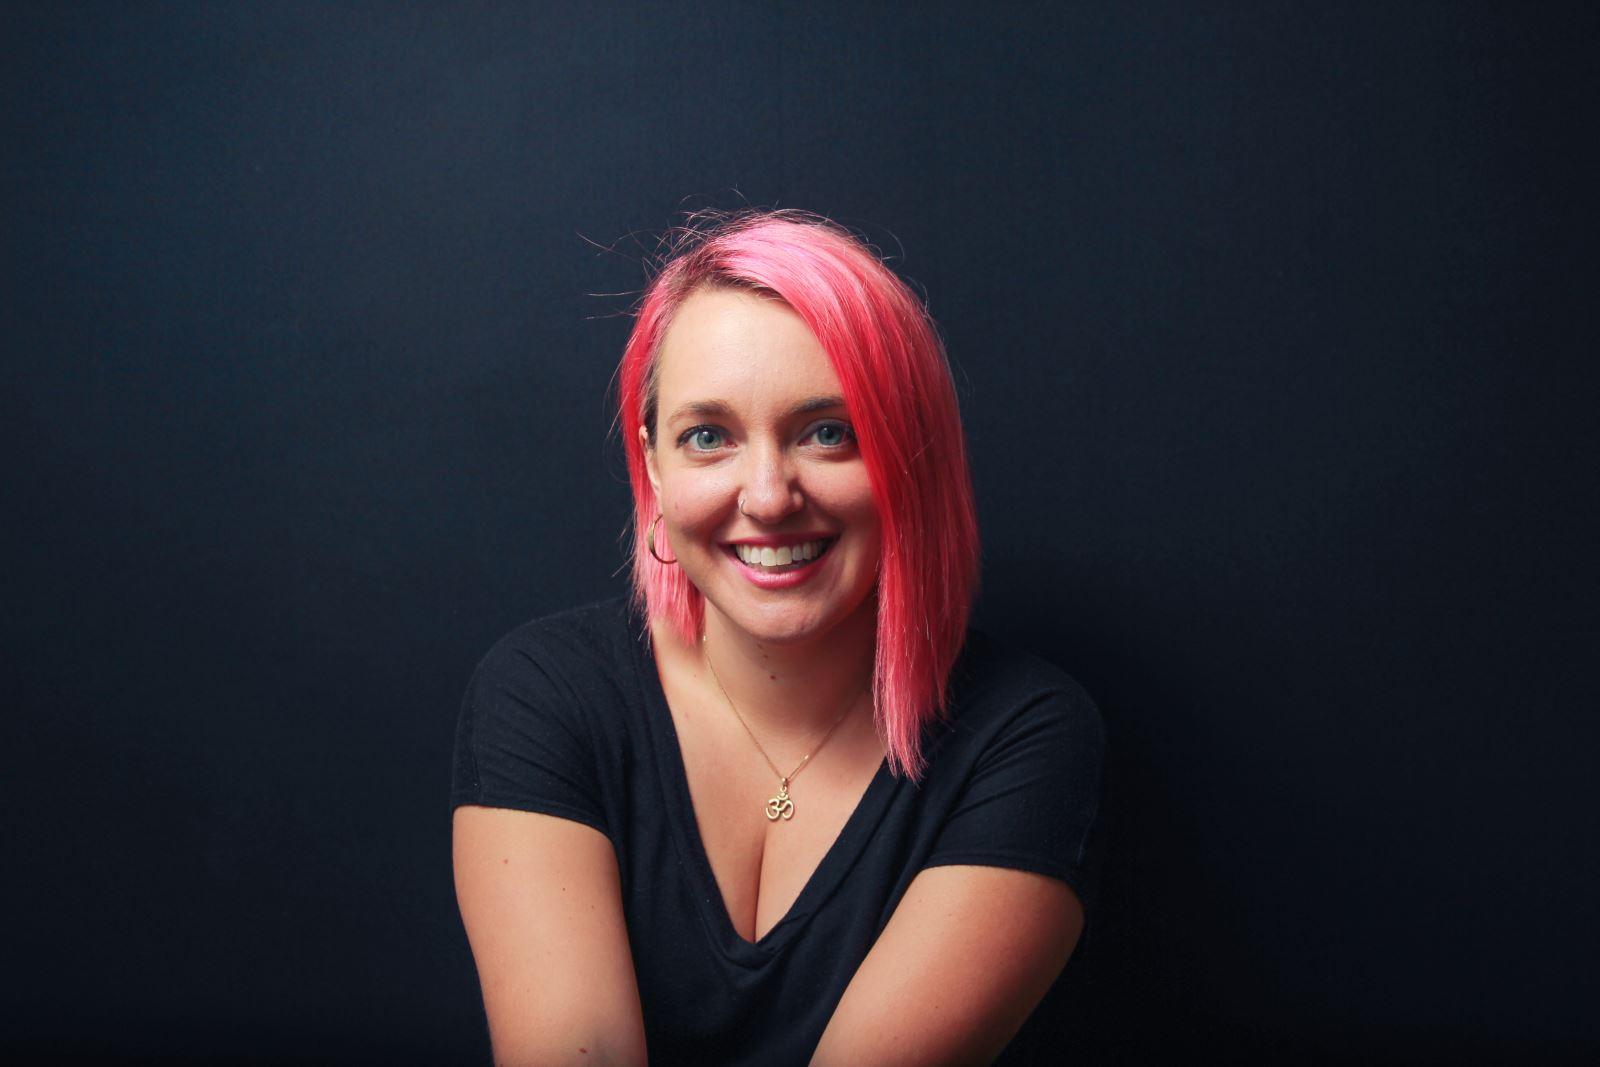 Aubrey Blanche, Global head of diversity and belonging, Atlassian